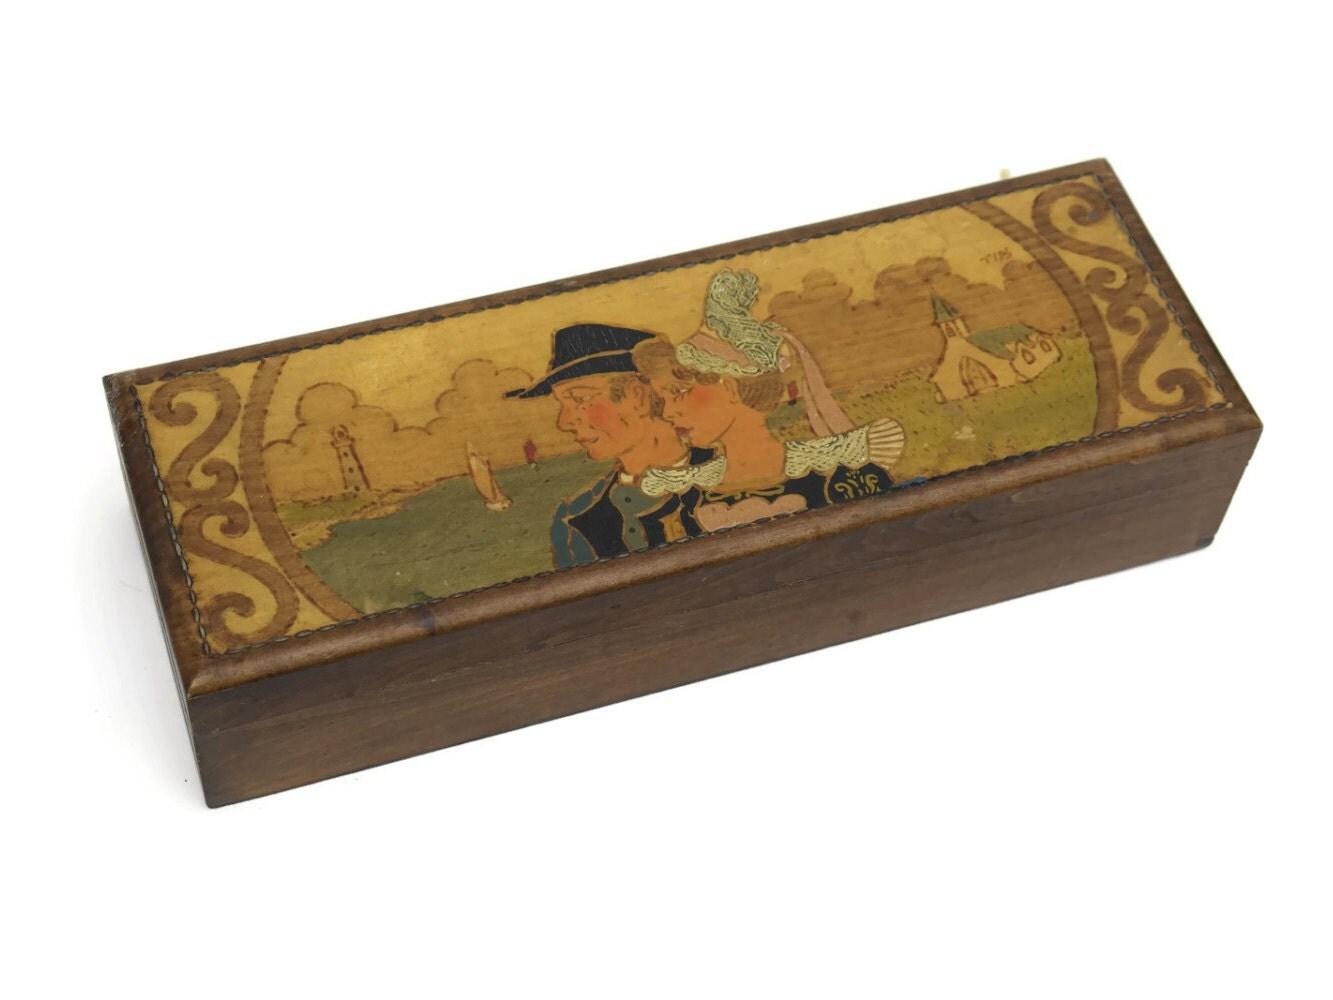 French breton souvenir box wooden glove etched wood